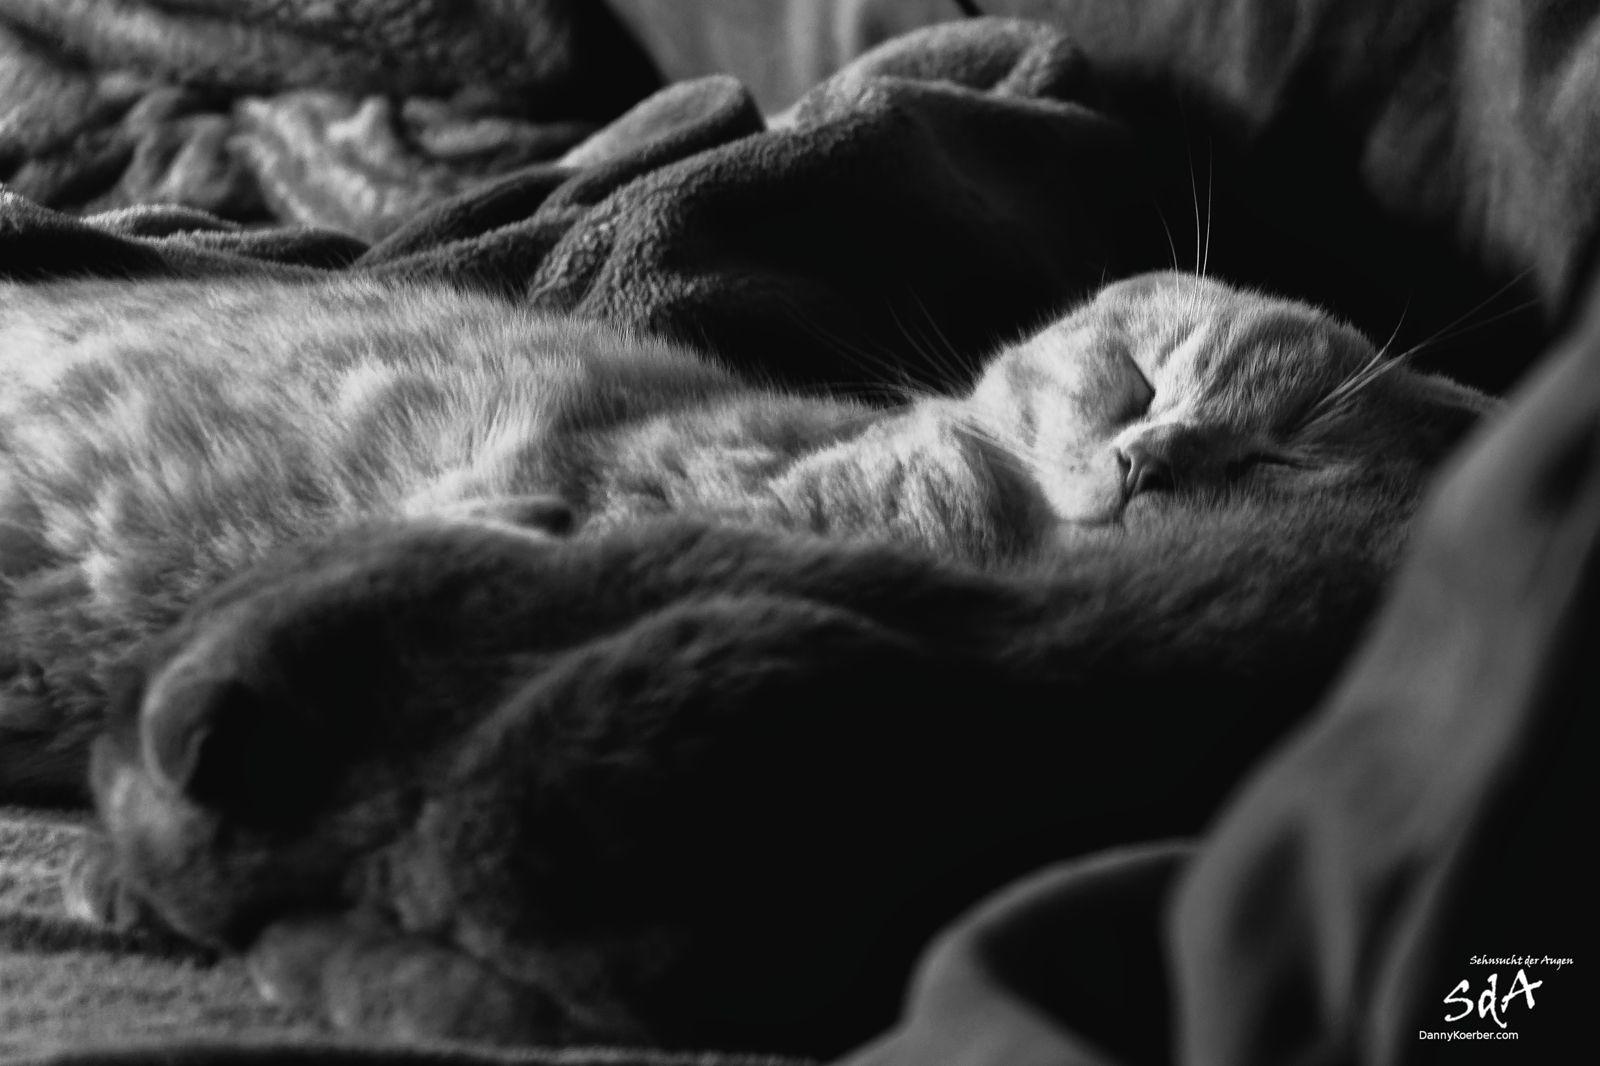 Der Tag der Besinnung und Stille. Einfach mal Nachdenken und andere schlafen lassen.